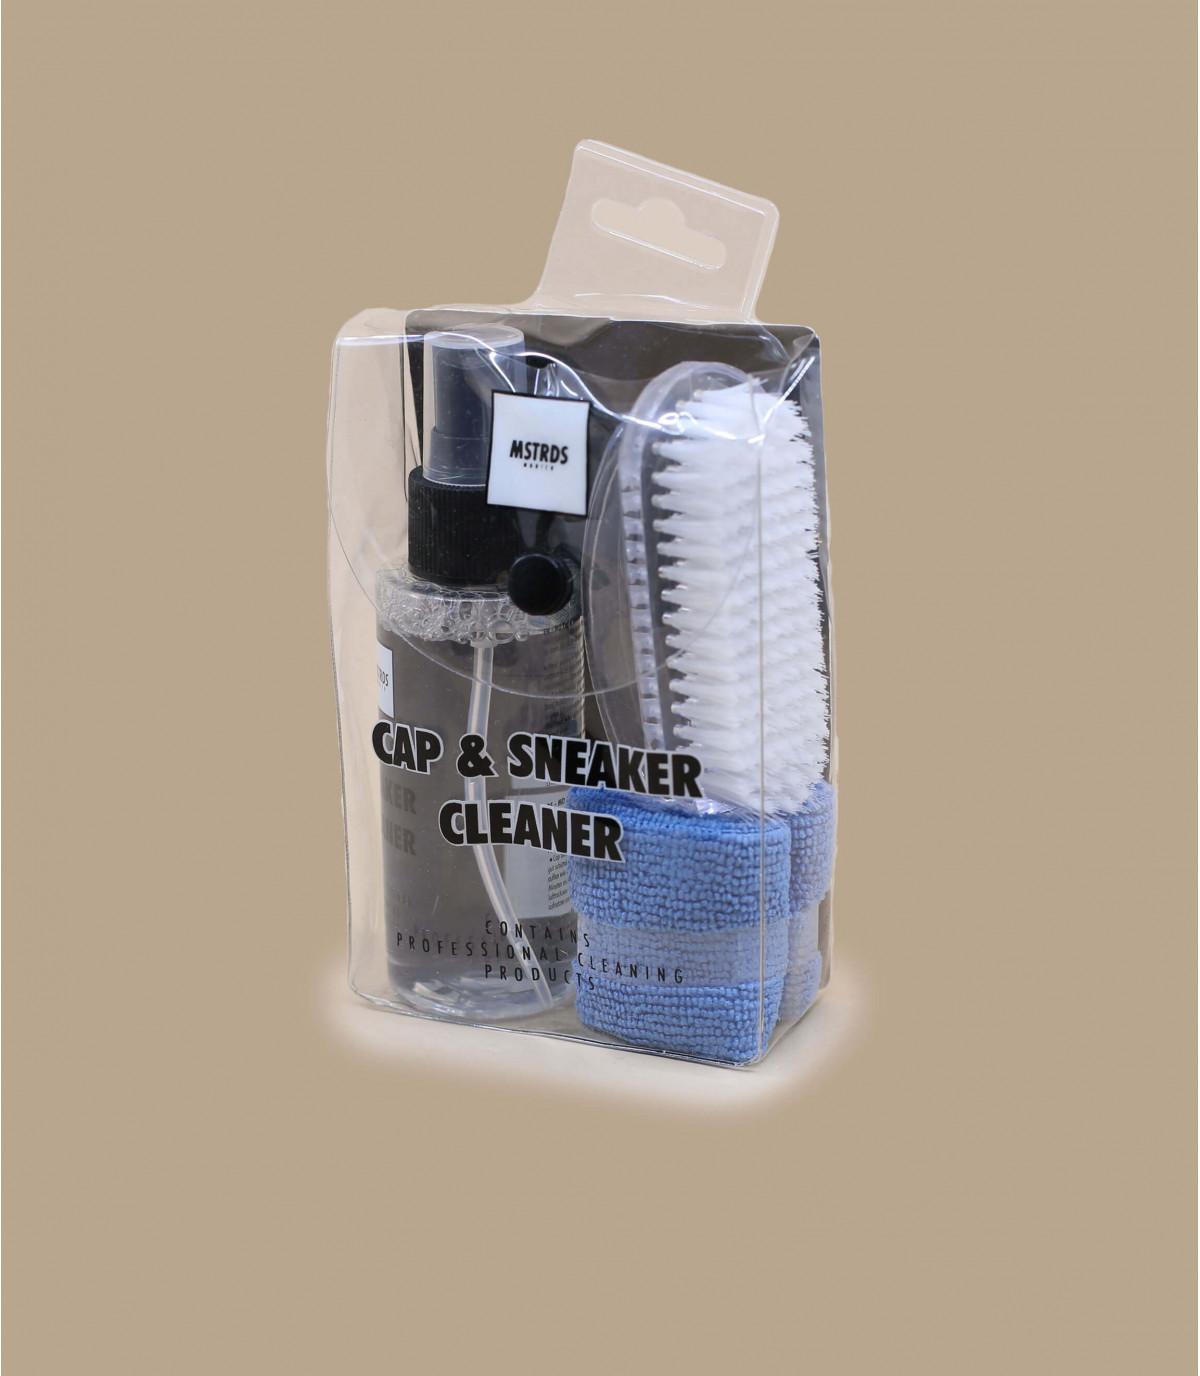 Special cap cleaner set.